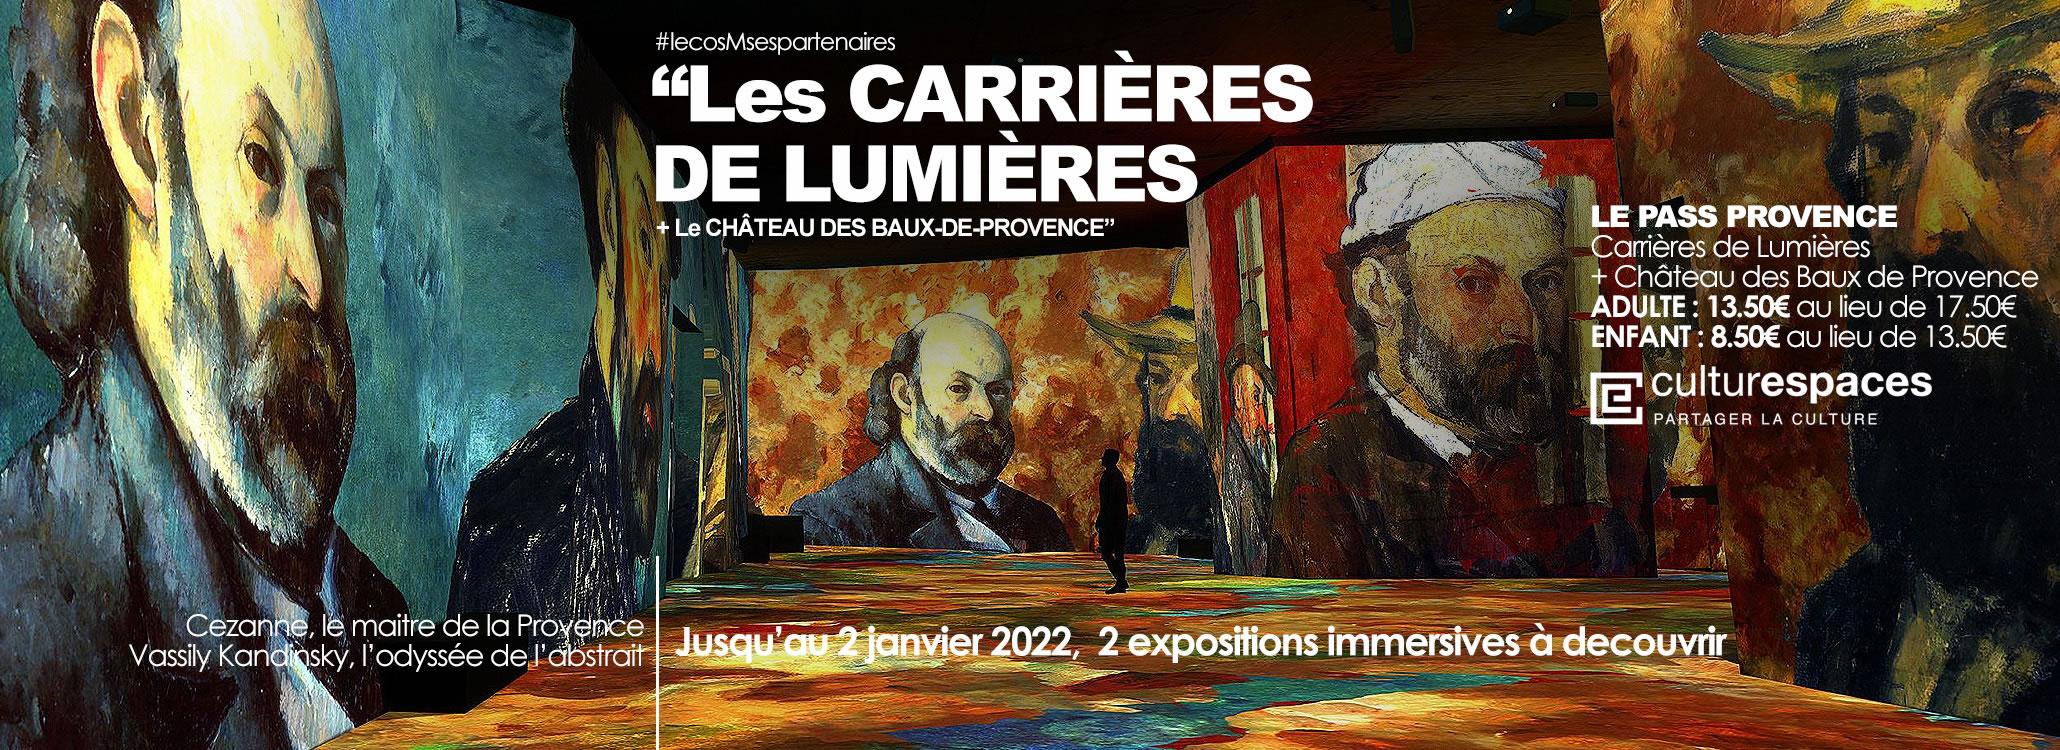 CARRIERES-DE-LUMIERE-040821